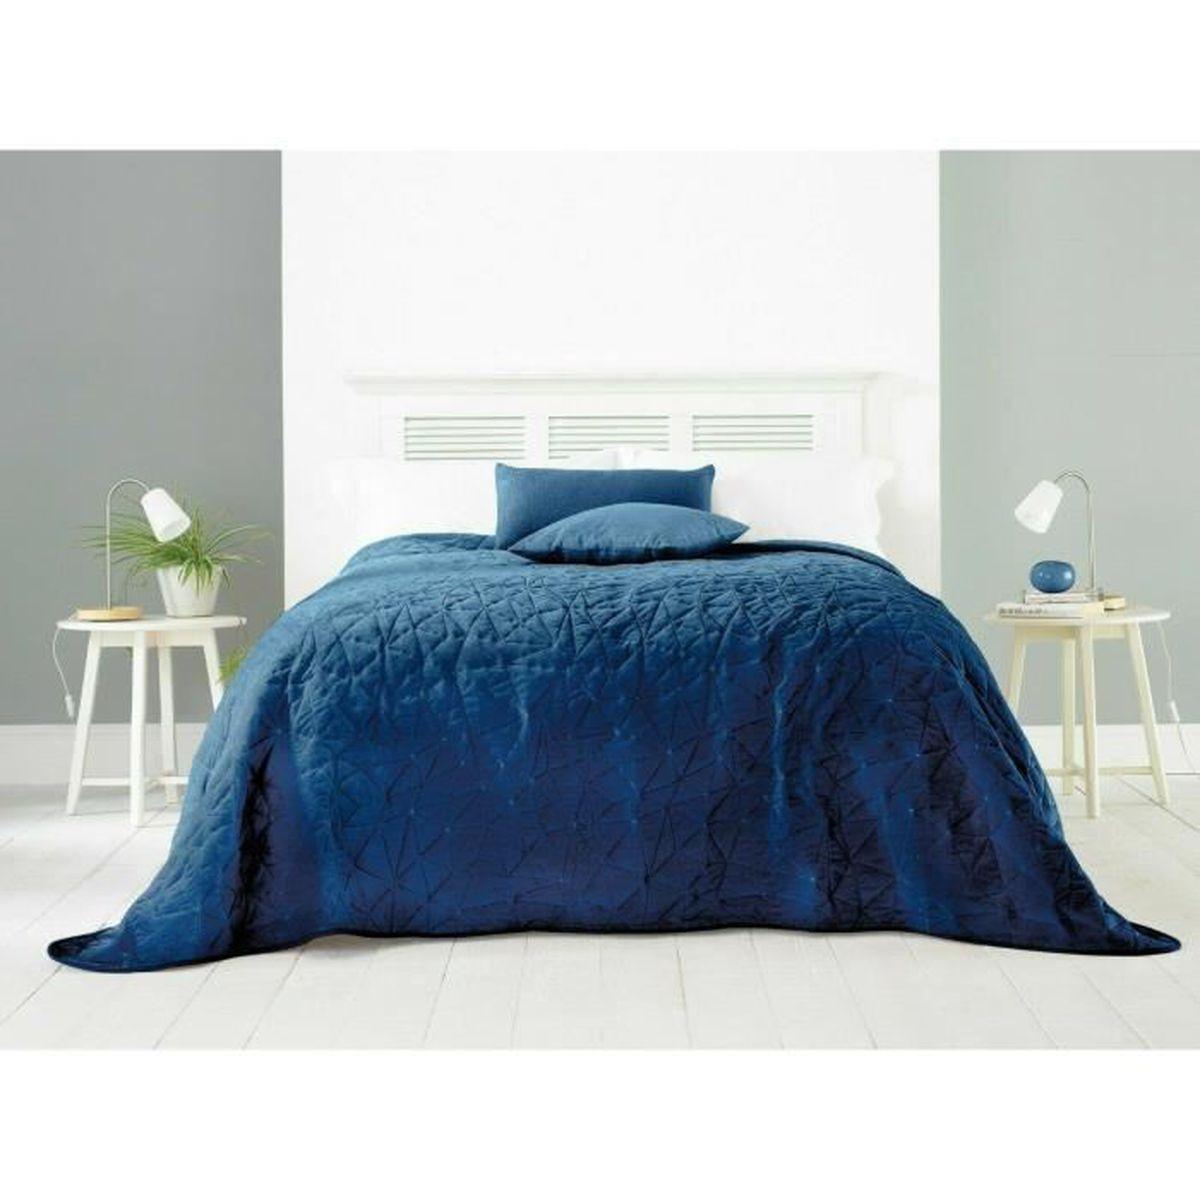 Bleu et Vert Clair 2 taies doreiller 63x63cm en mati/ère Grande Taille L22G Boutis Jet/ée De Lit Couvre-lit piqu/é Bicolore en 230x250cm